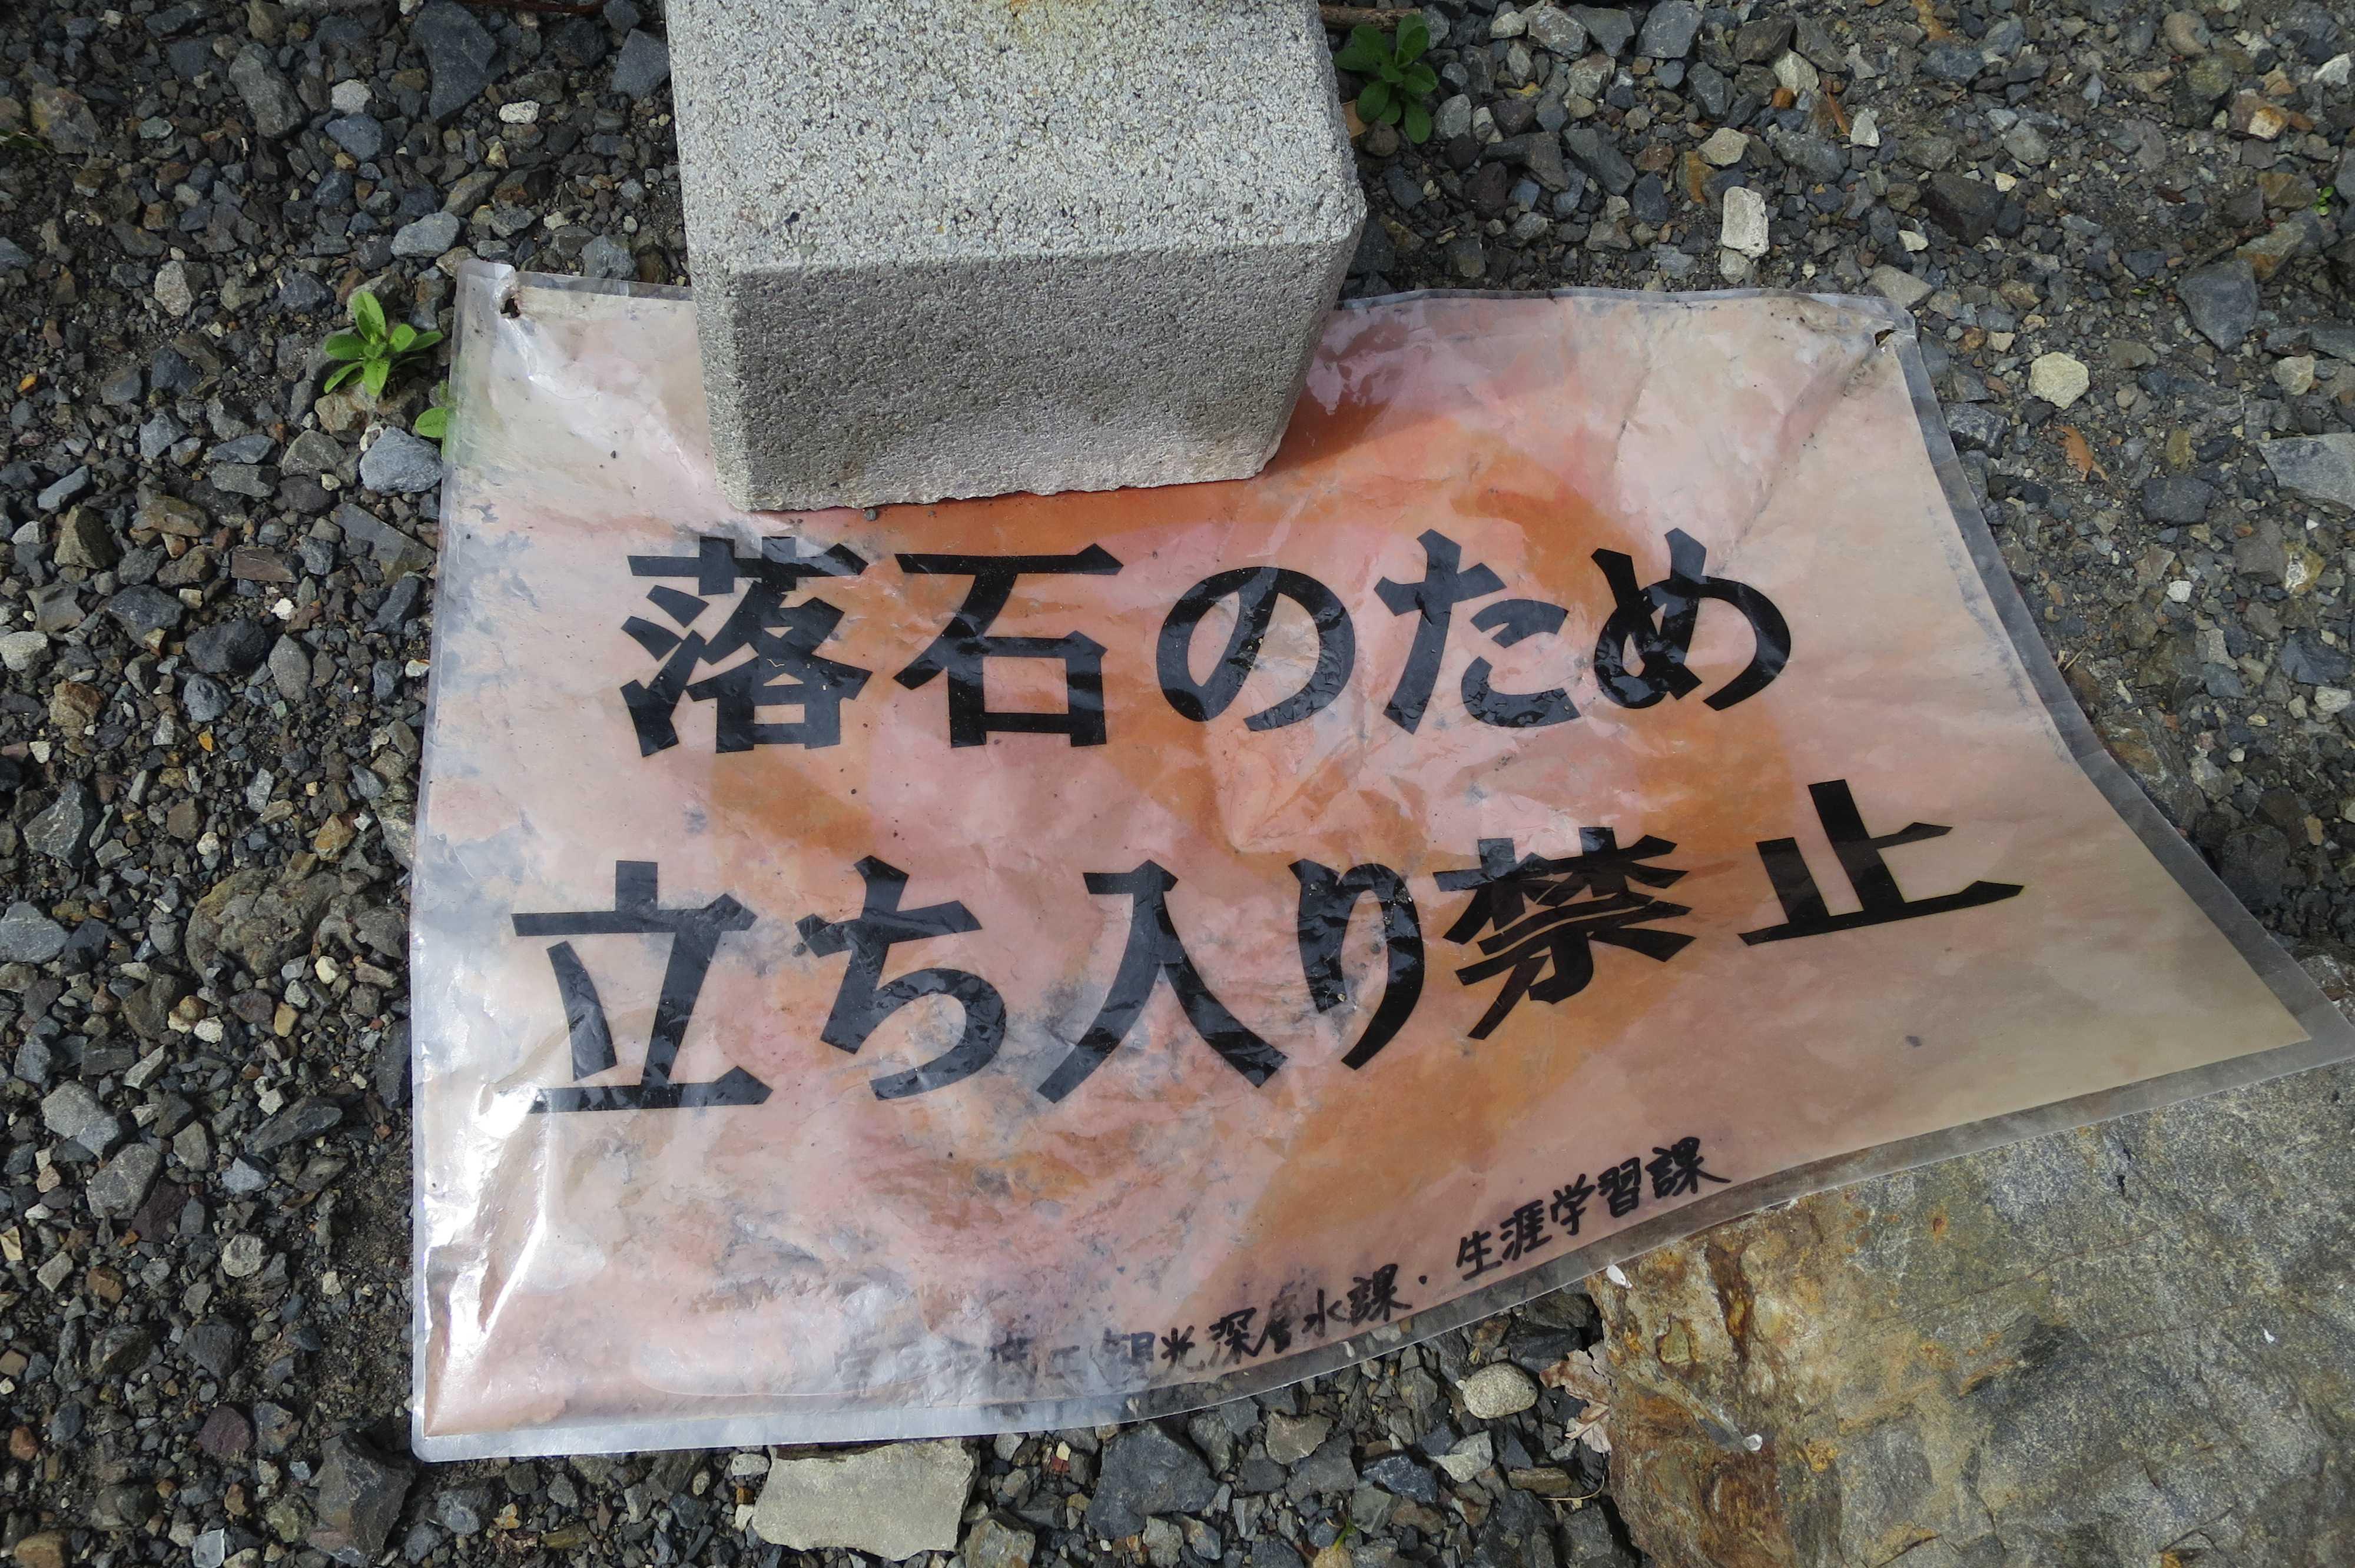 御厨人窟も神明窟も落石のため立ち入り禁止